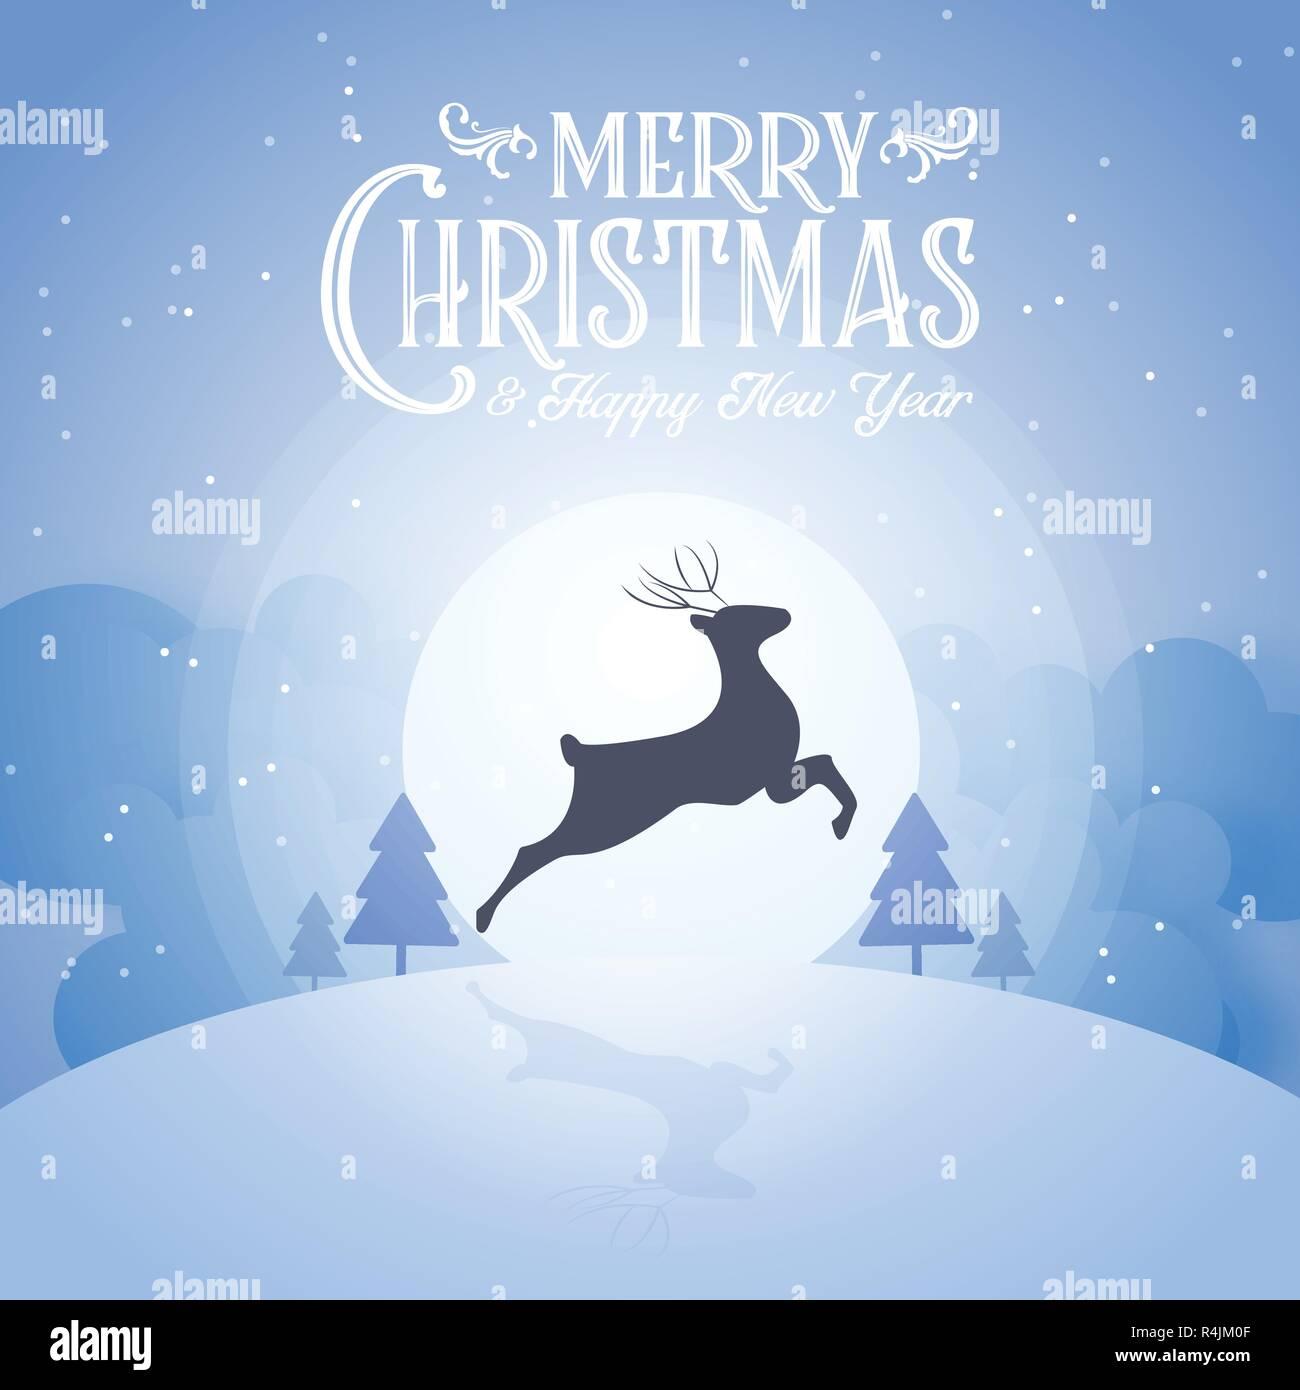 Frohe Weihnachten Und Happy New Year.Frohe Weihnachten Verschneite Nacht Und Happy New Year Festival Ende